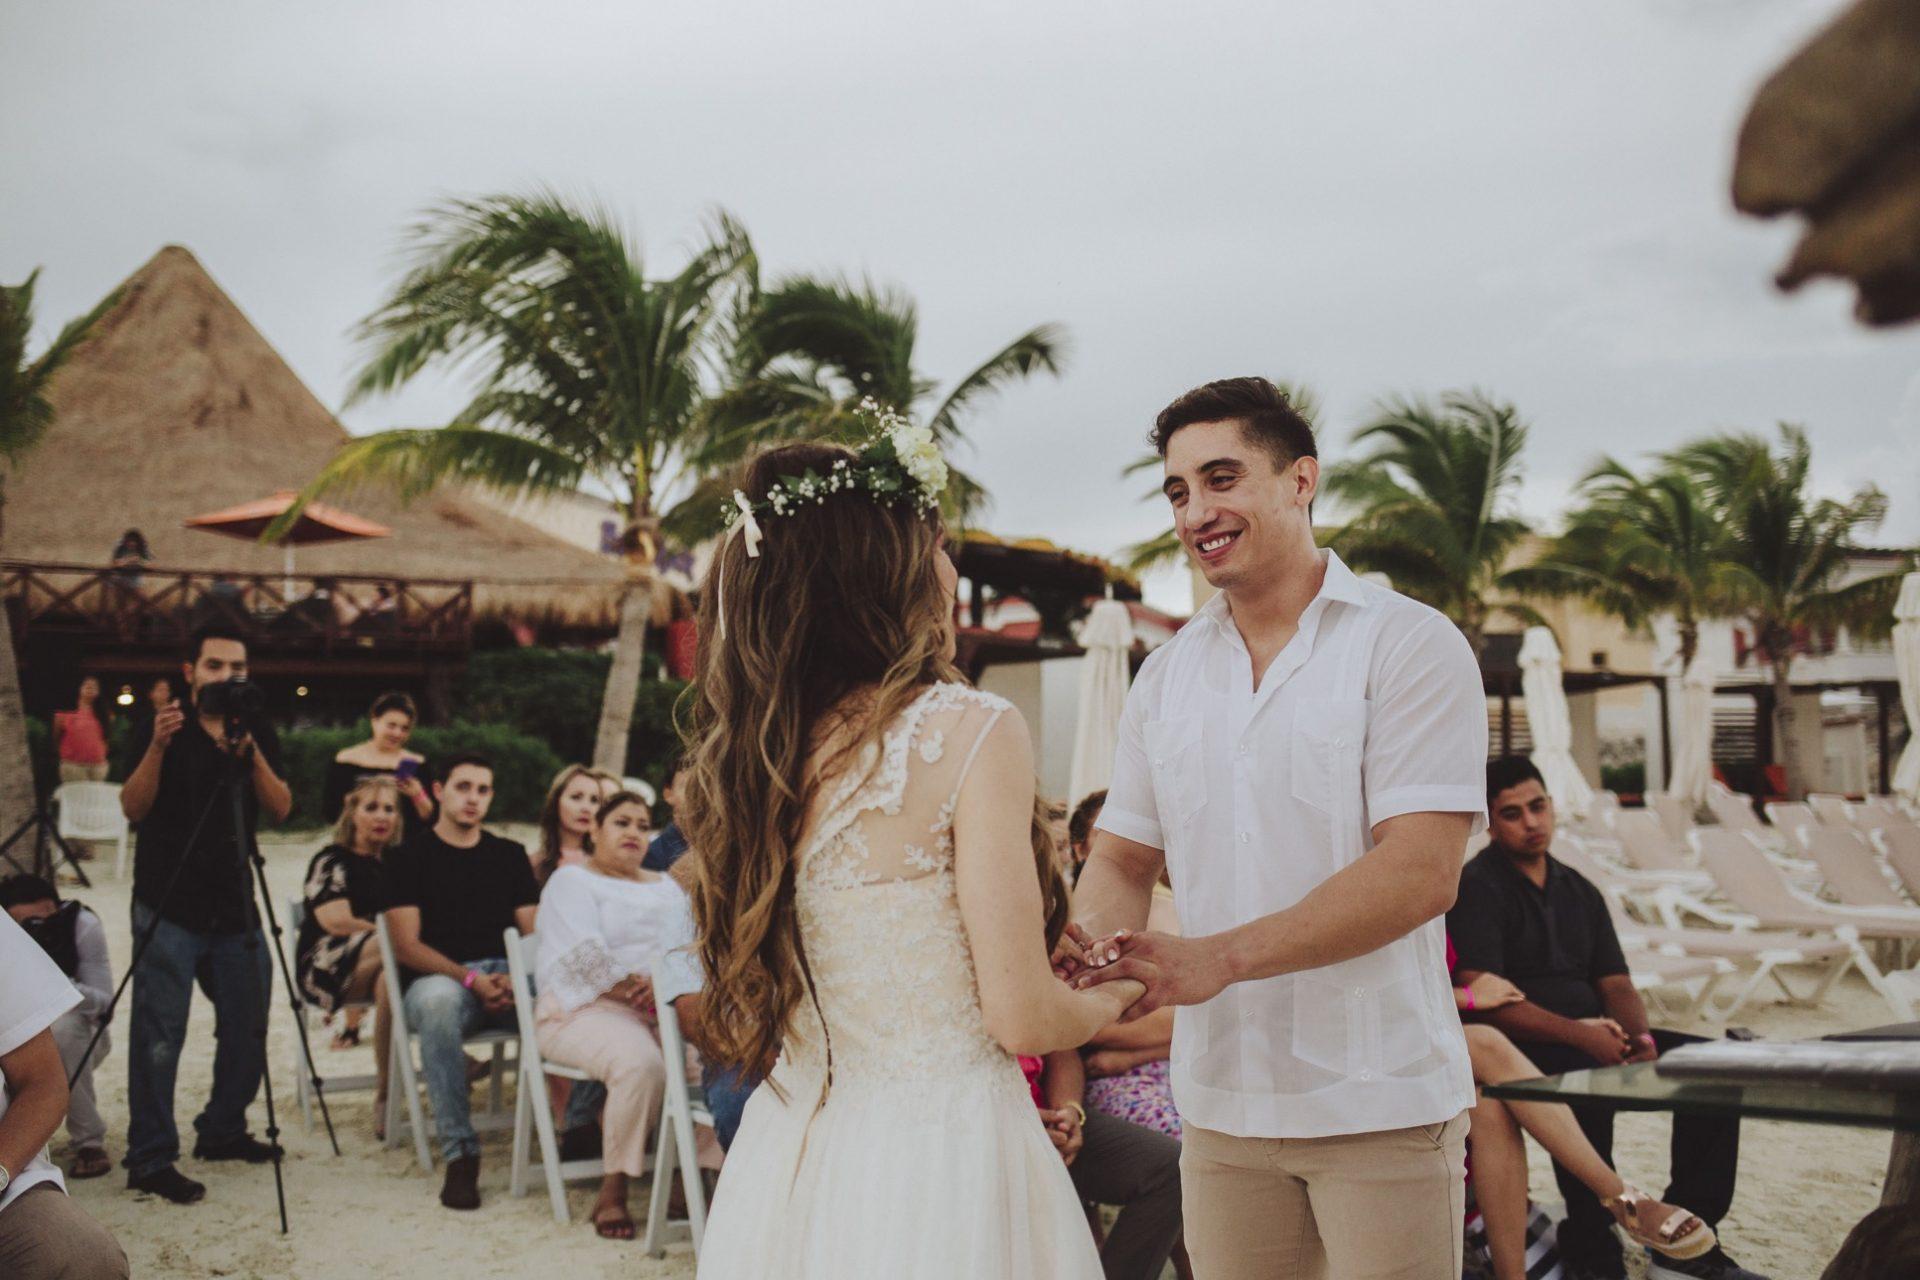 fotografo_bodas_profesional_zacatecas_riviera_maya_cancun-58